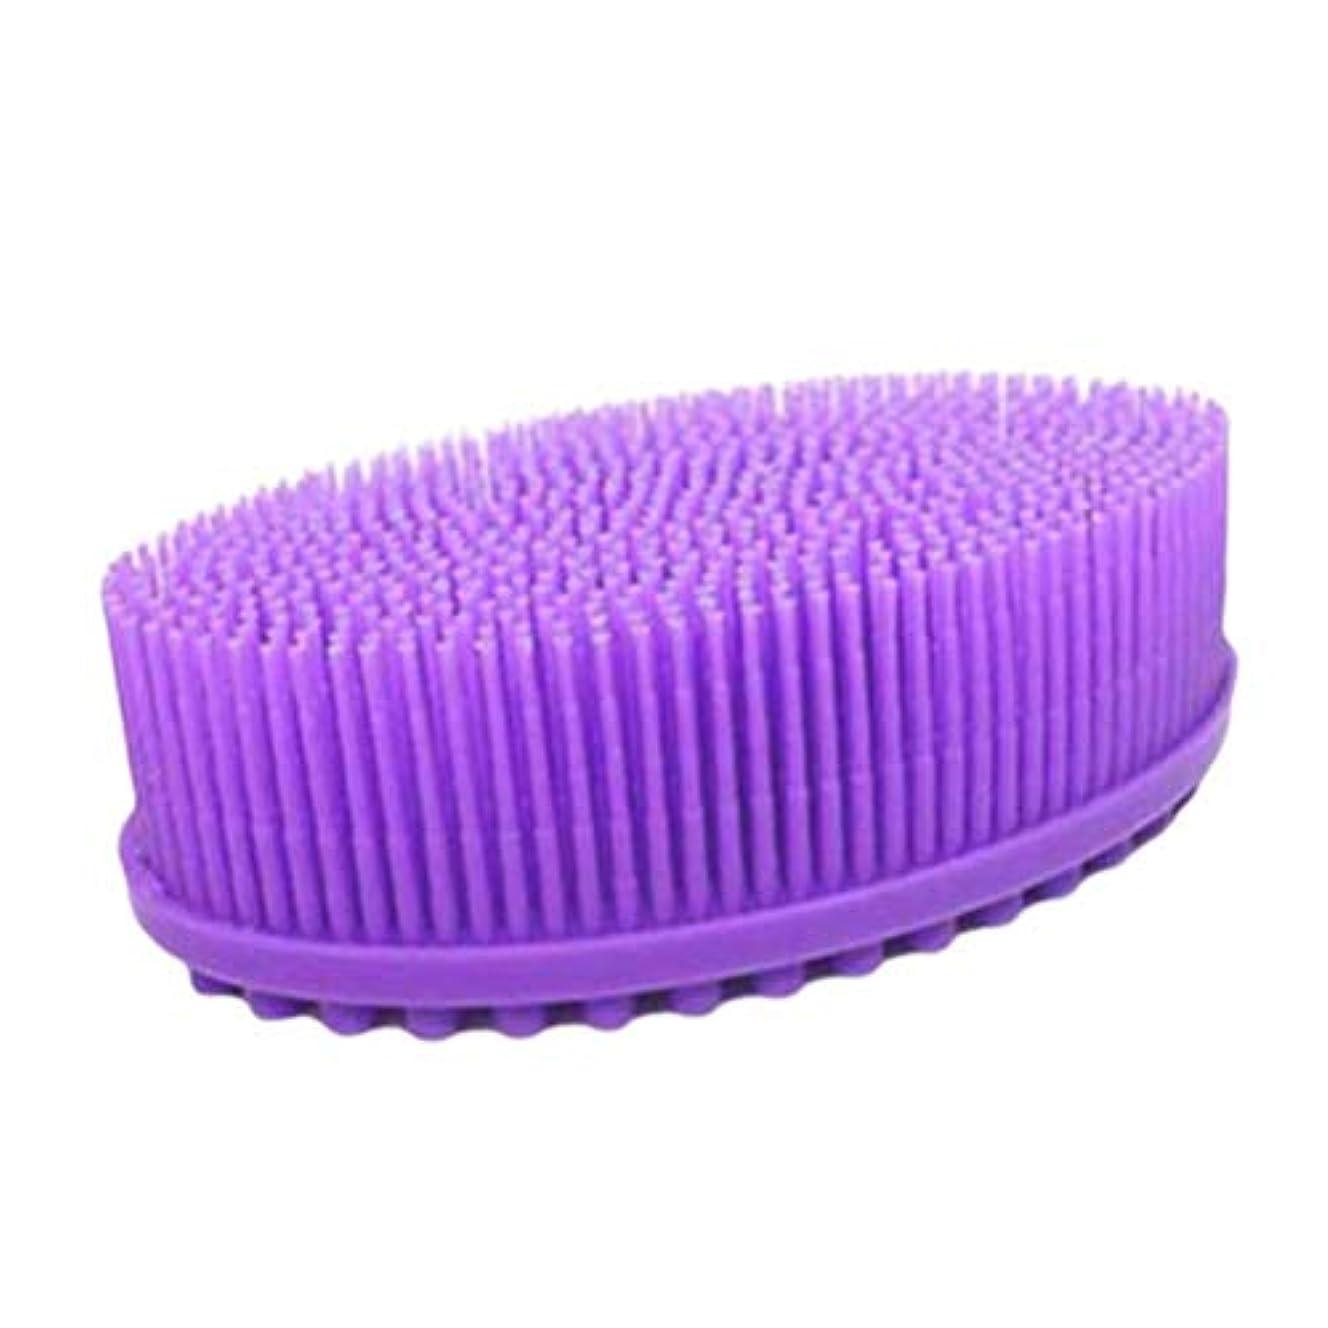 クラウド人気の便利さTOPBATHY ベビーシリコンボディヘアシャンプーブラシバスバックブラシスキンマッサージラウンドヘッドボディシャワーブラシ(紫)